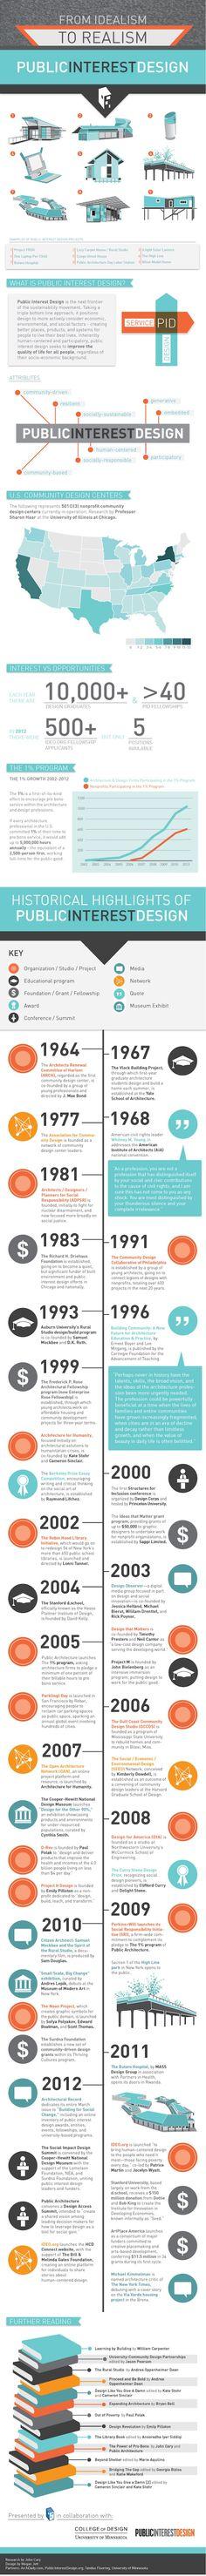 Infographic: Public Interest Design